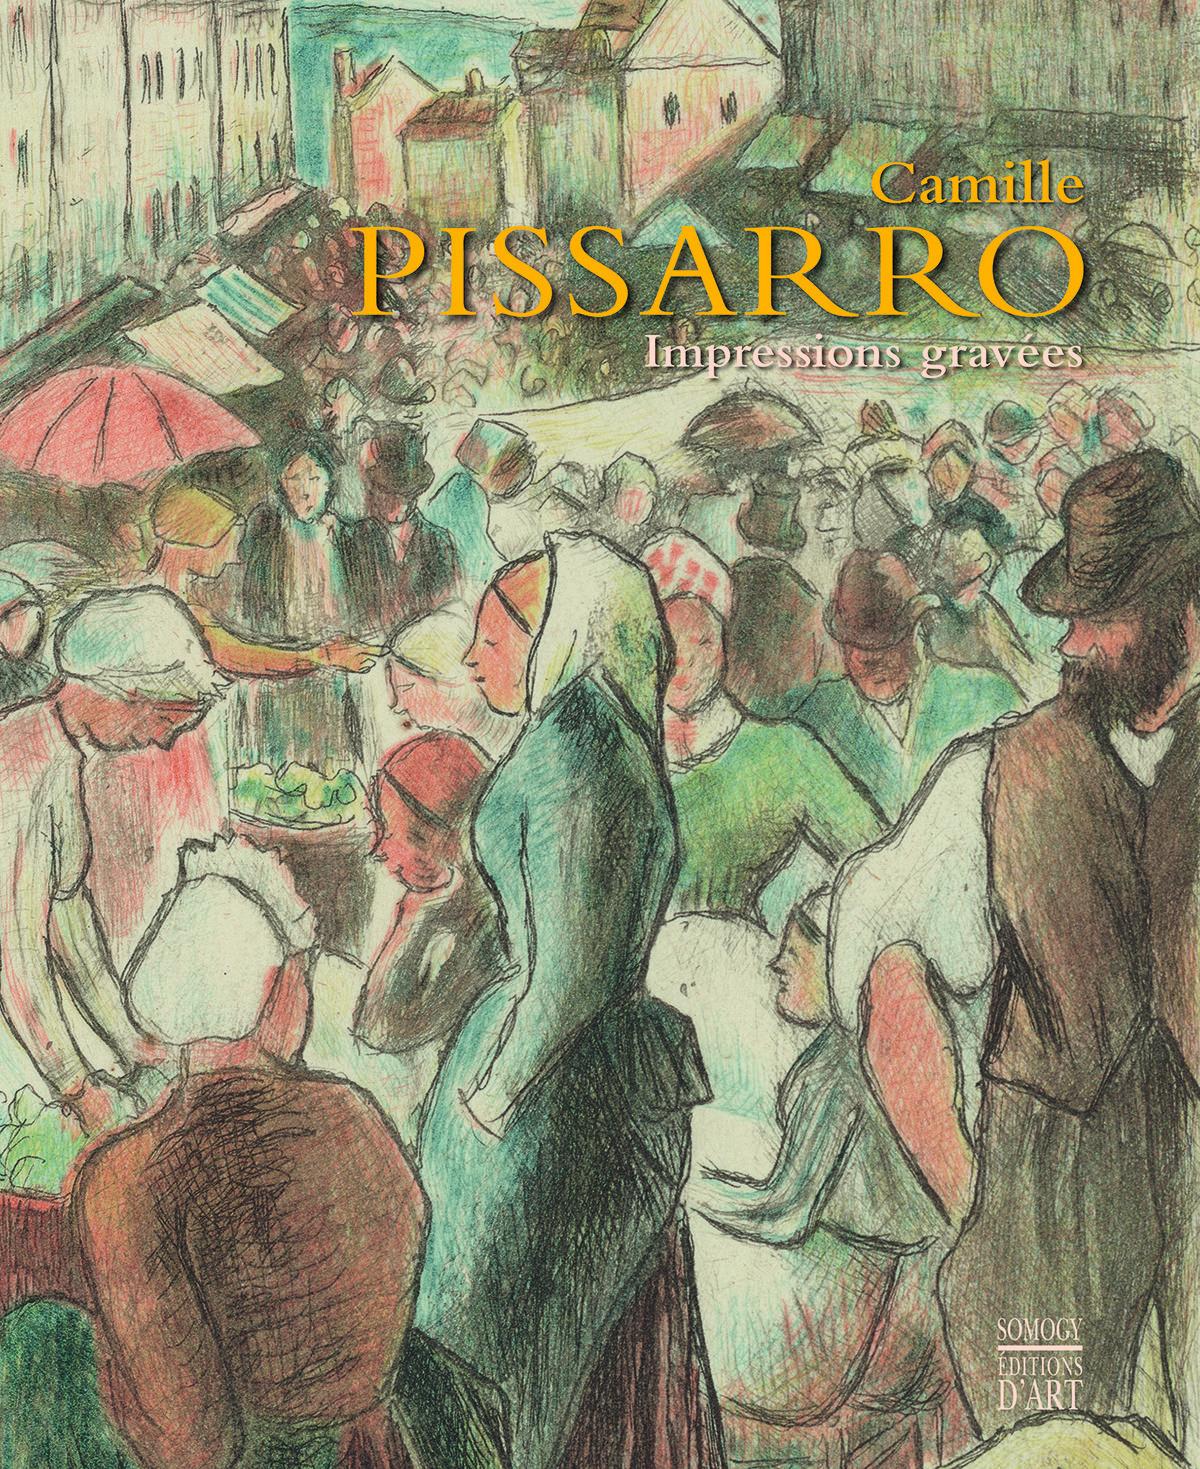 Camille Pissarro et Edgar Degas ont inventé l'estampe impressionniste. C'est à l'aube des années 1860 que Pissarro grave ses premières eaux-fortes. En 1873, à l'initiative du docteur Gachet, il renoue avec la gravure en compagnie de Guillaumin et de Cézanne. Puis, à partir de 1879, Degas l'initie aux encrages en couleurs.